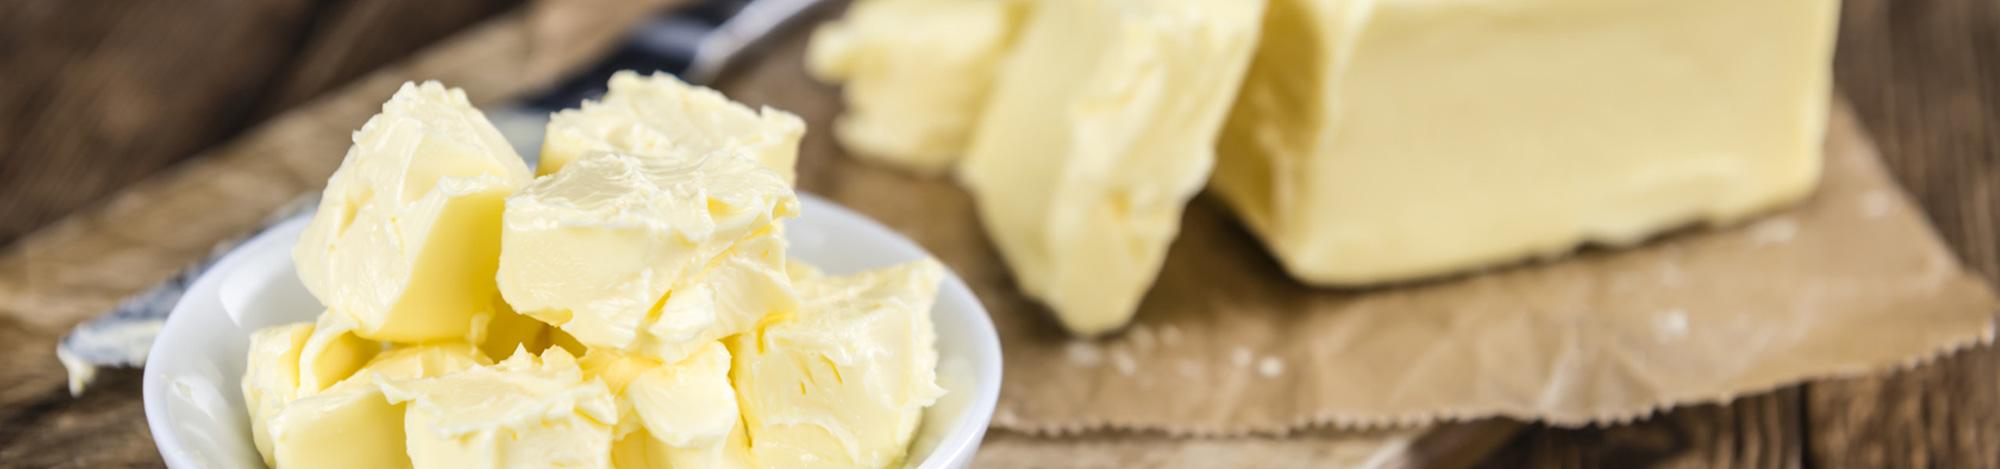 Manteiga e Creme Vegetal